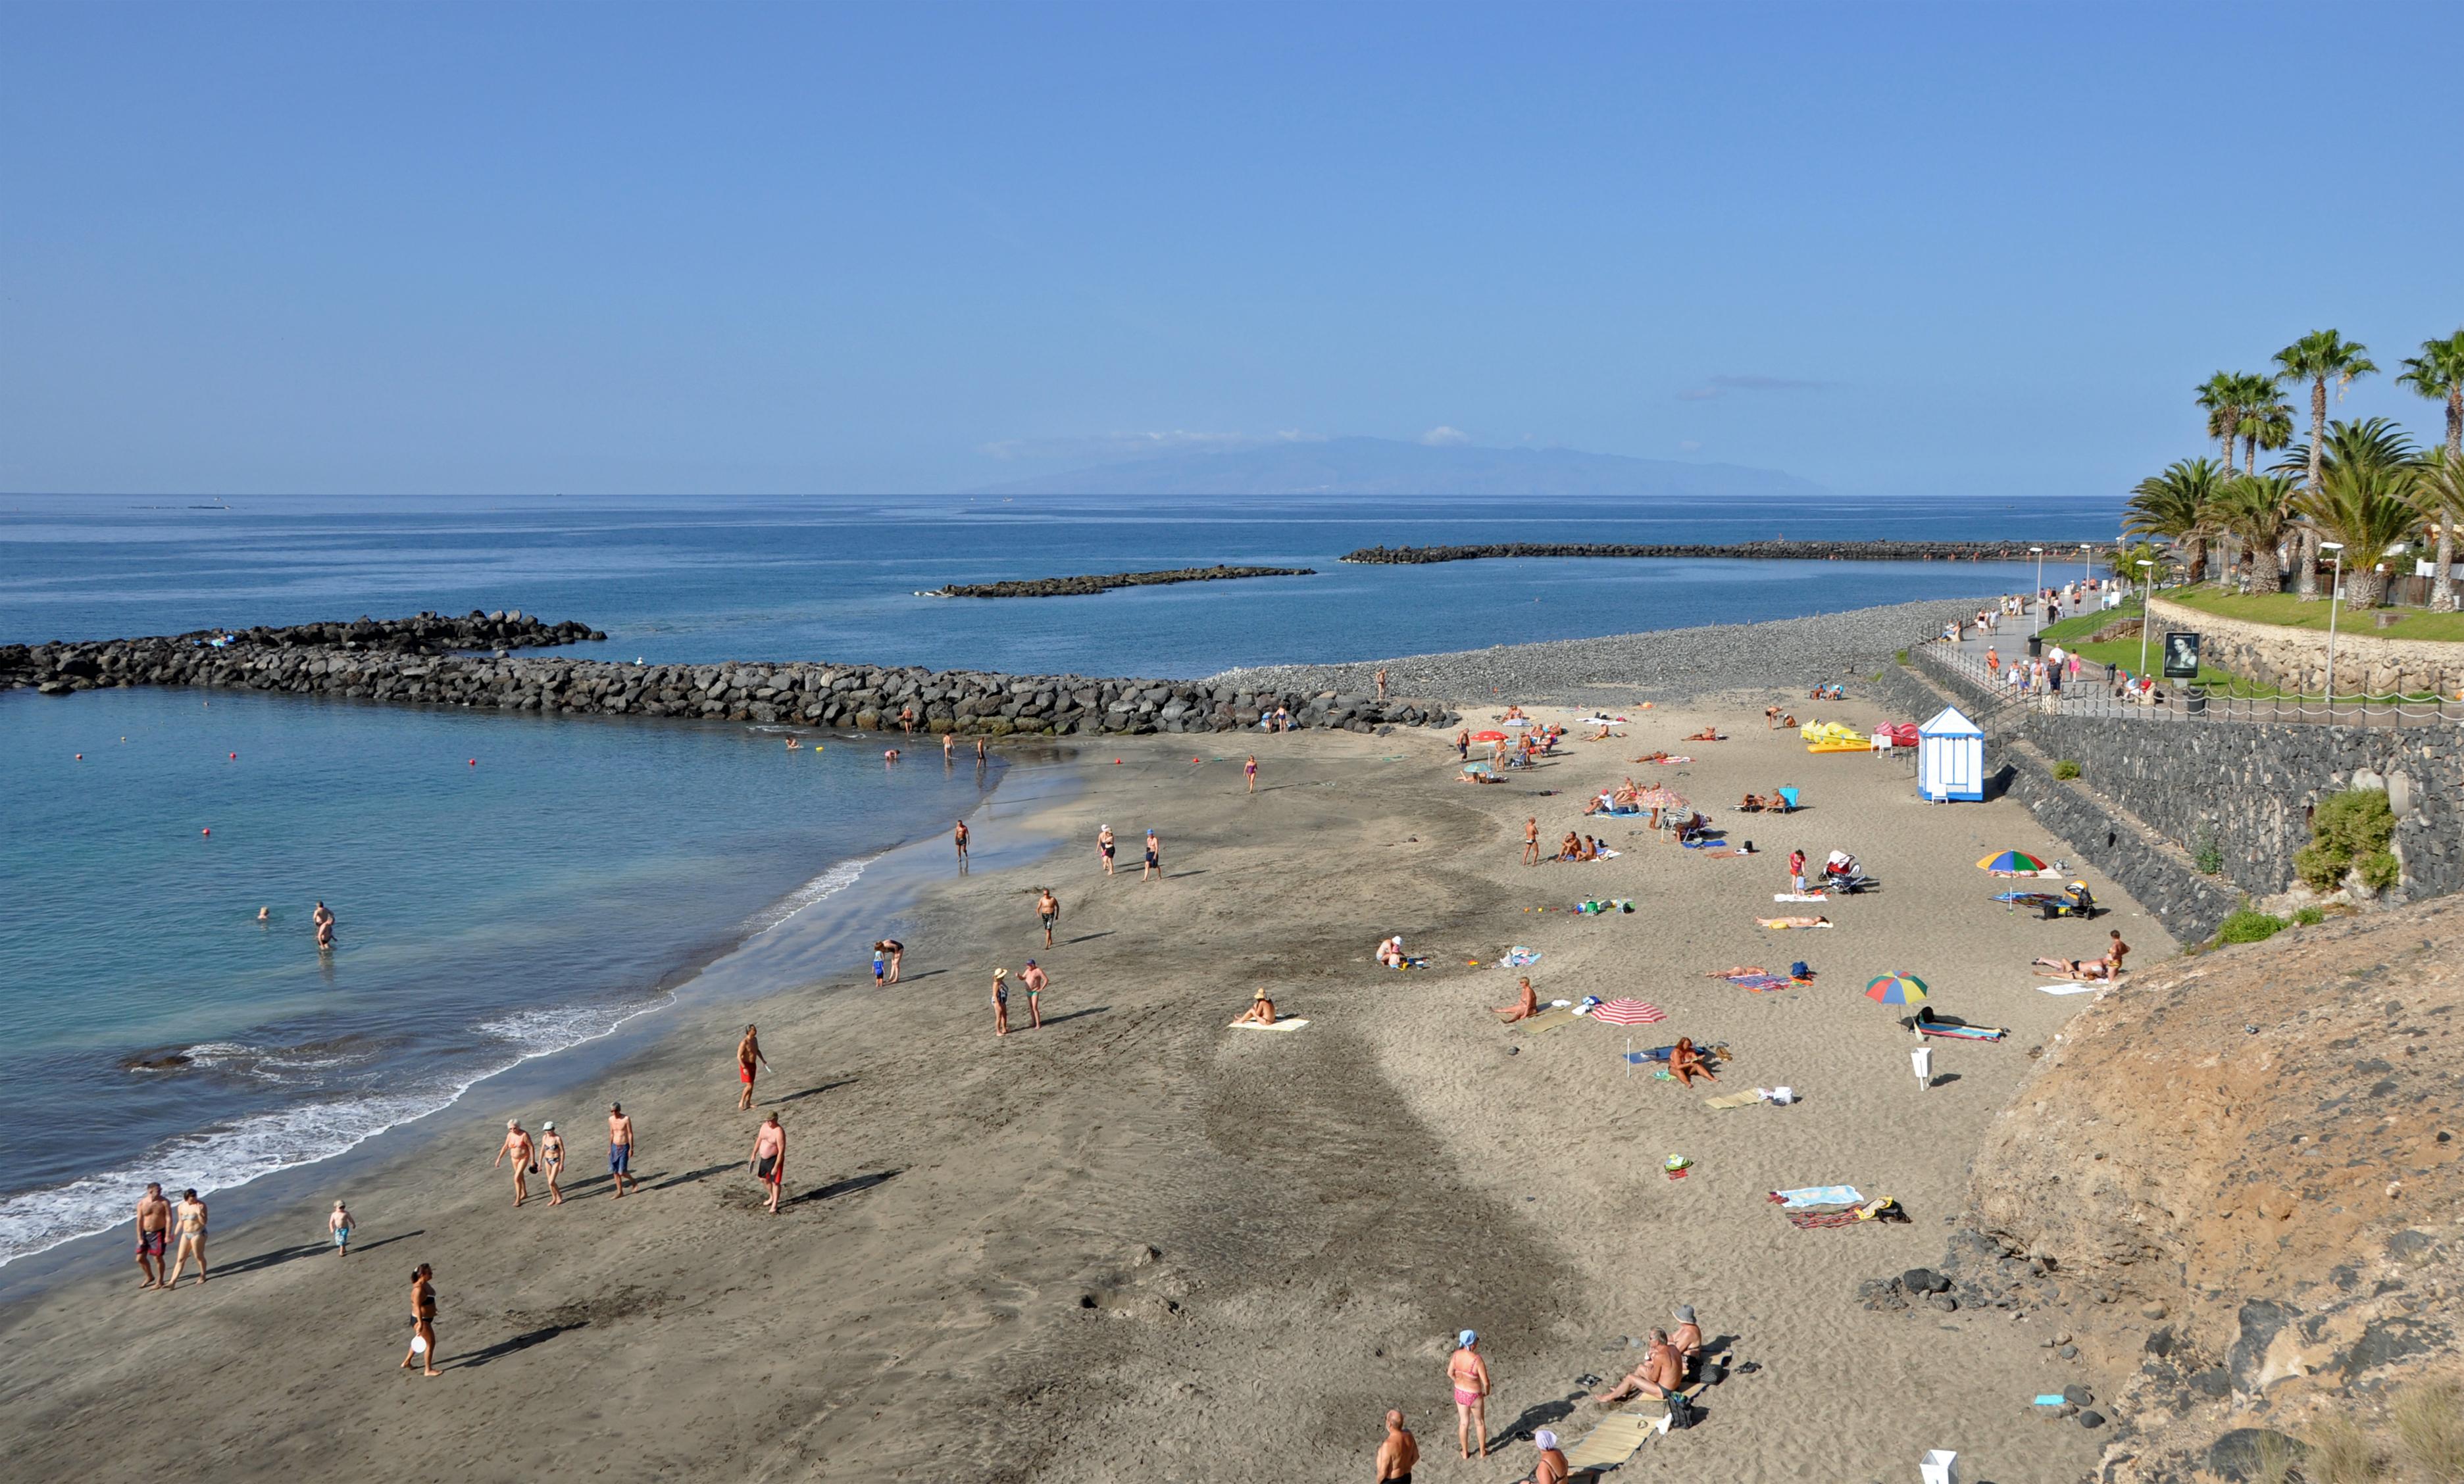 File:Tenerife Playa El Duque R04.jpg